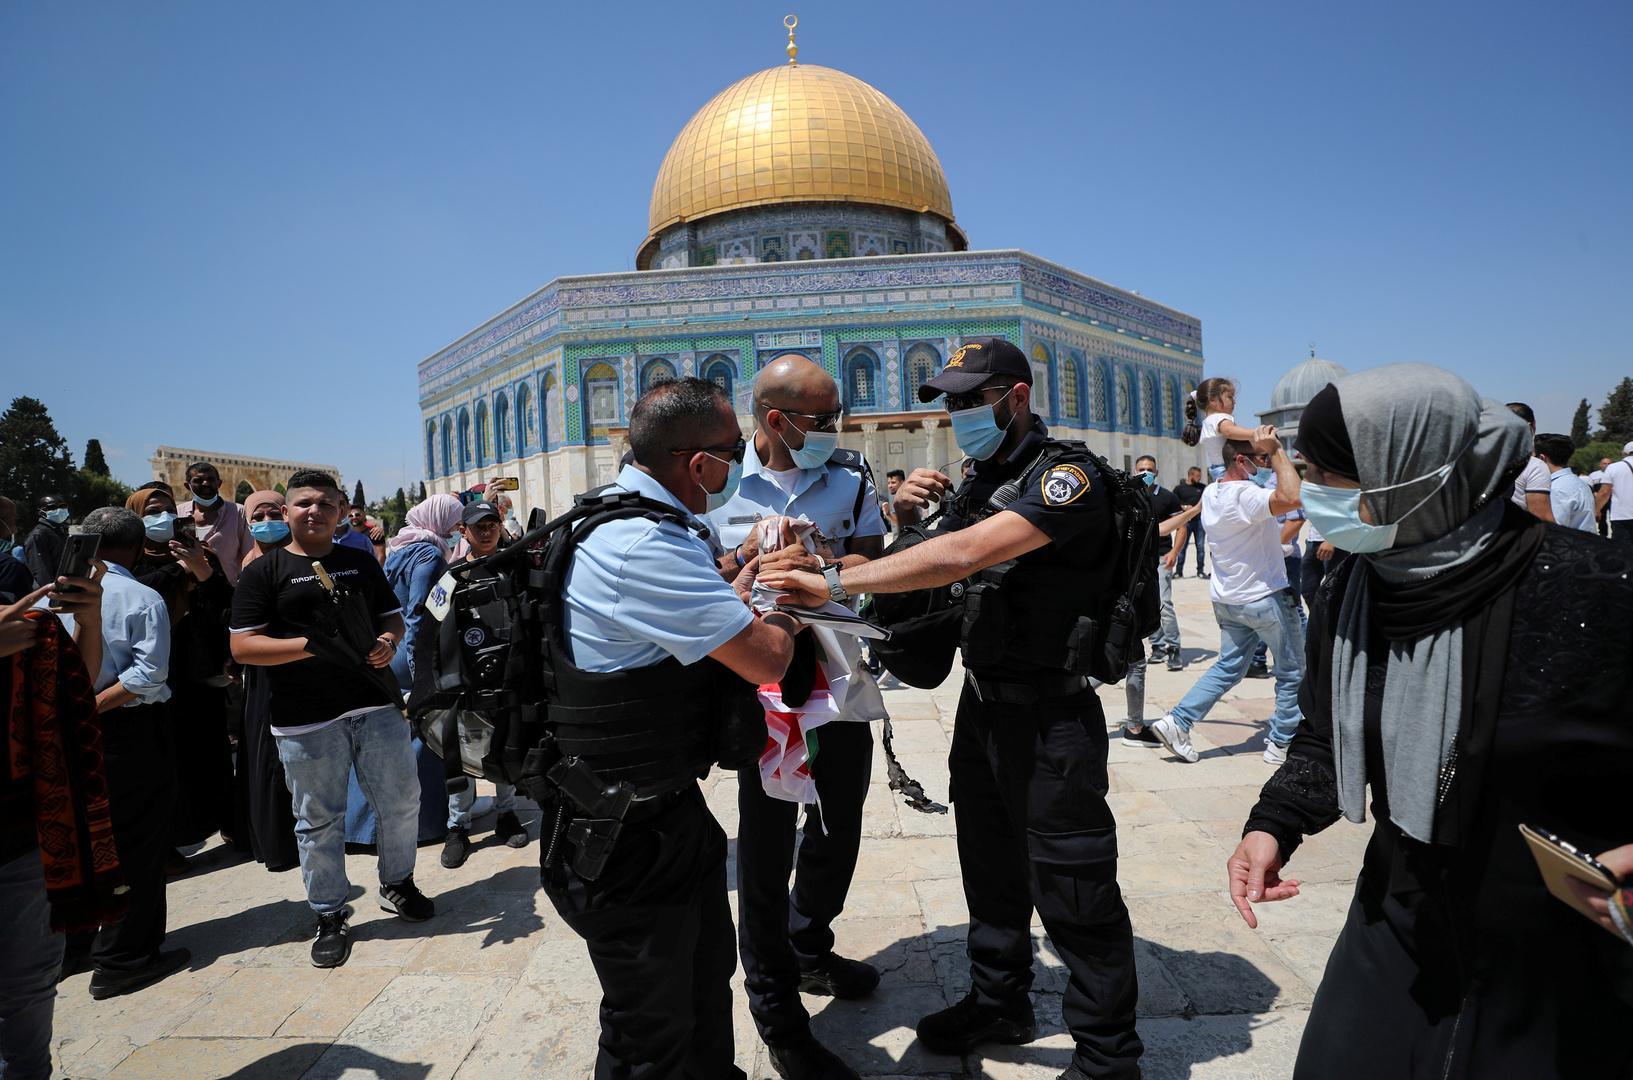 رئيس وزراء فلسطين ينتقد زيارة وفود عربية للمسجد الأقصى تحت حماية إسرائيلية